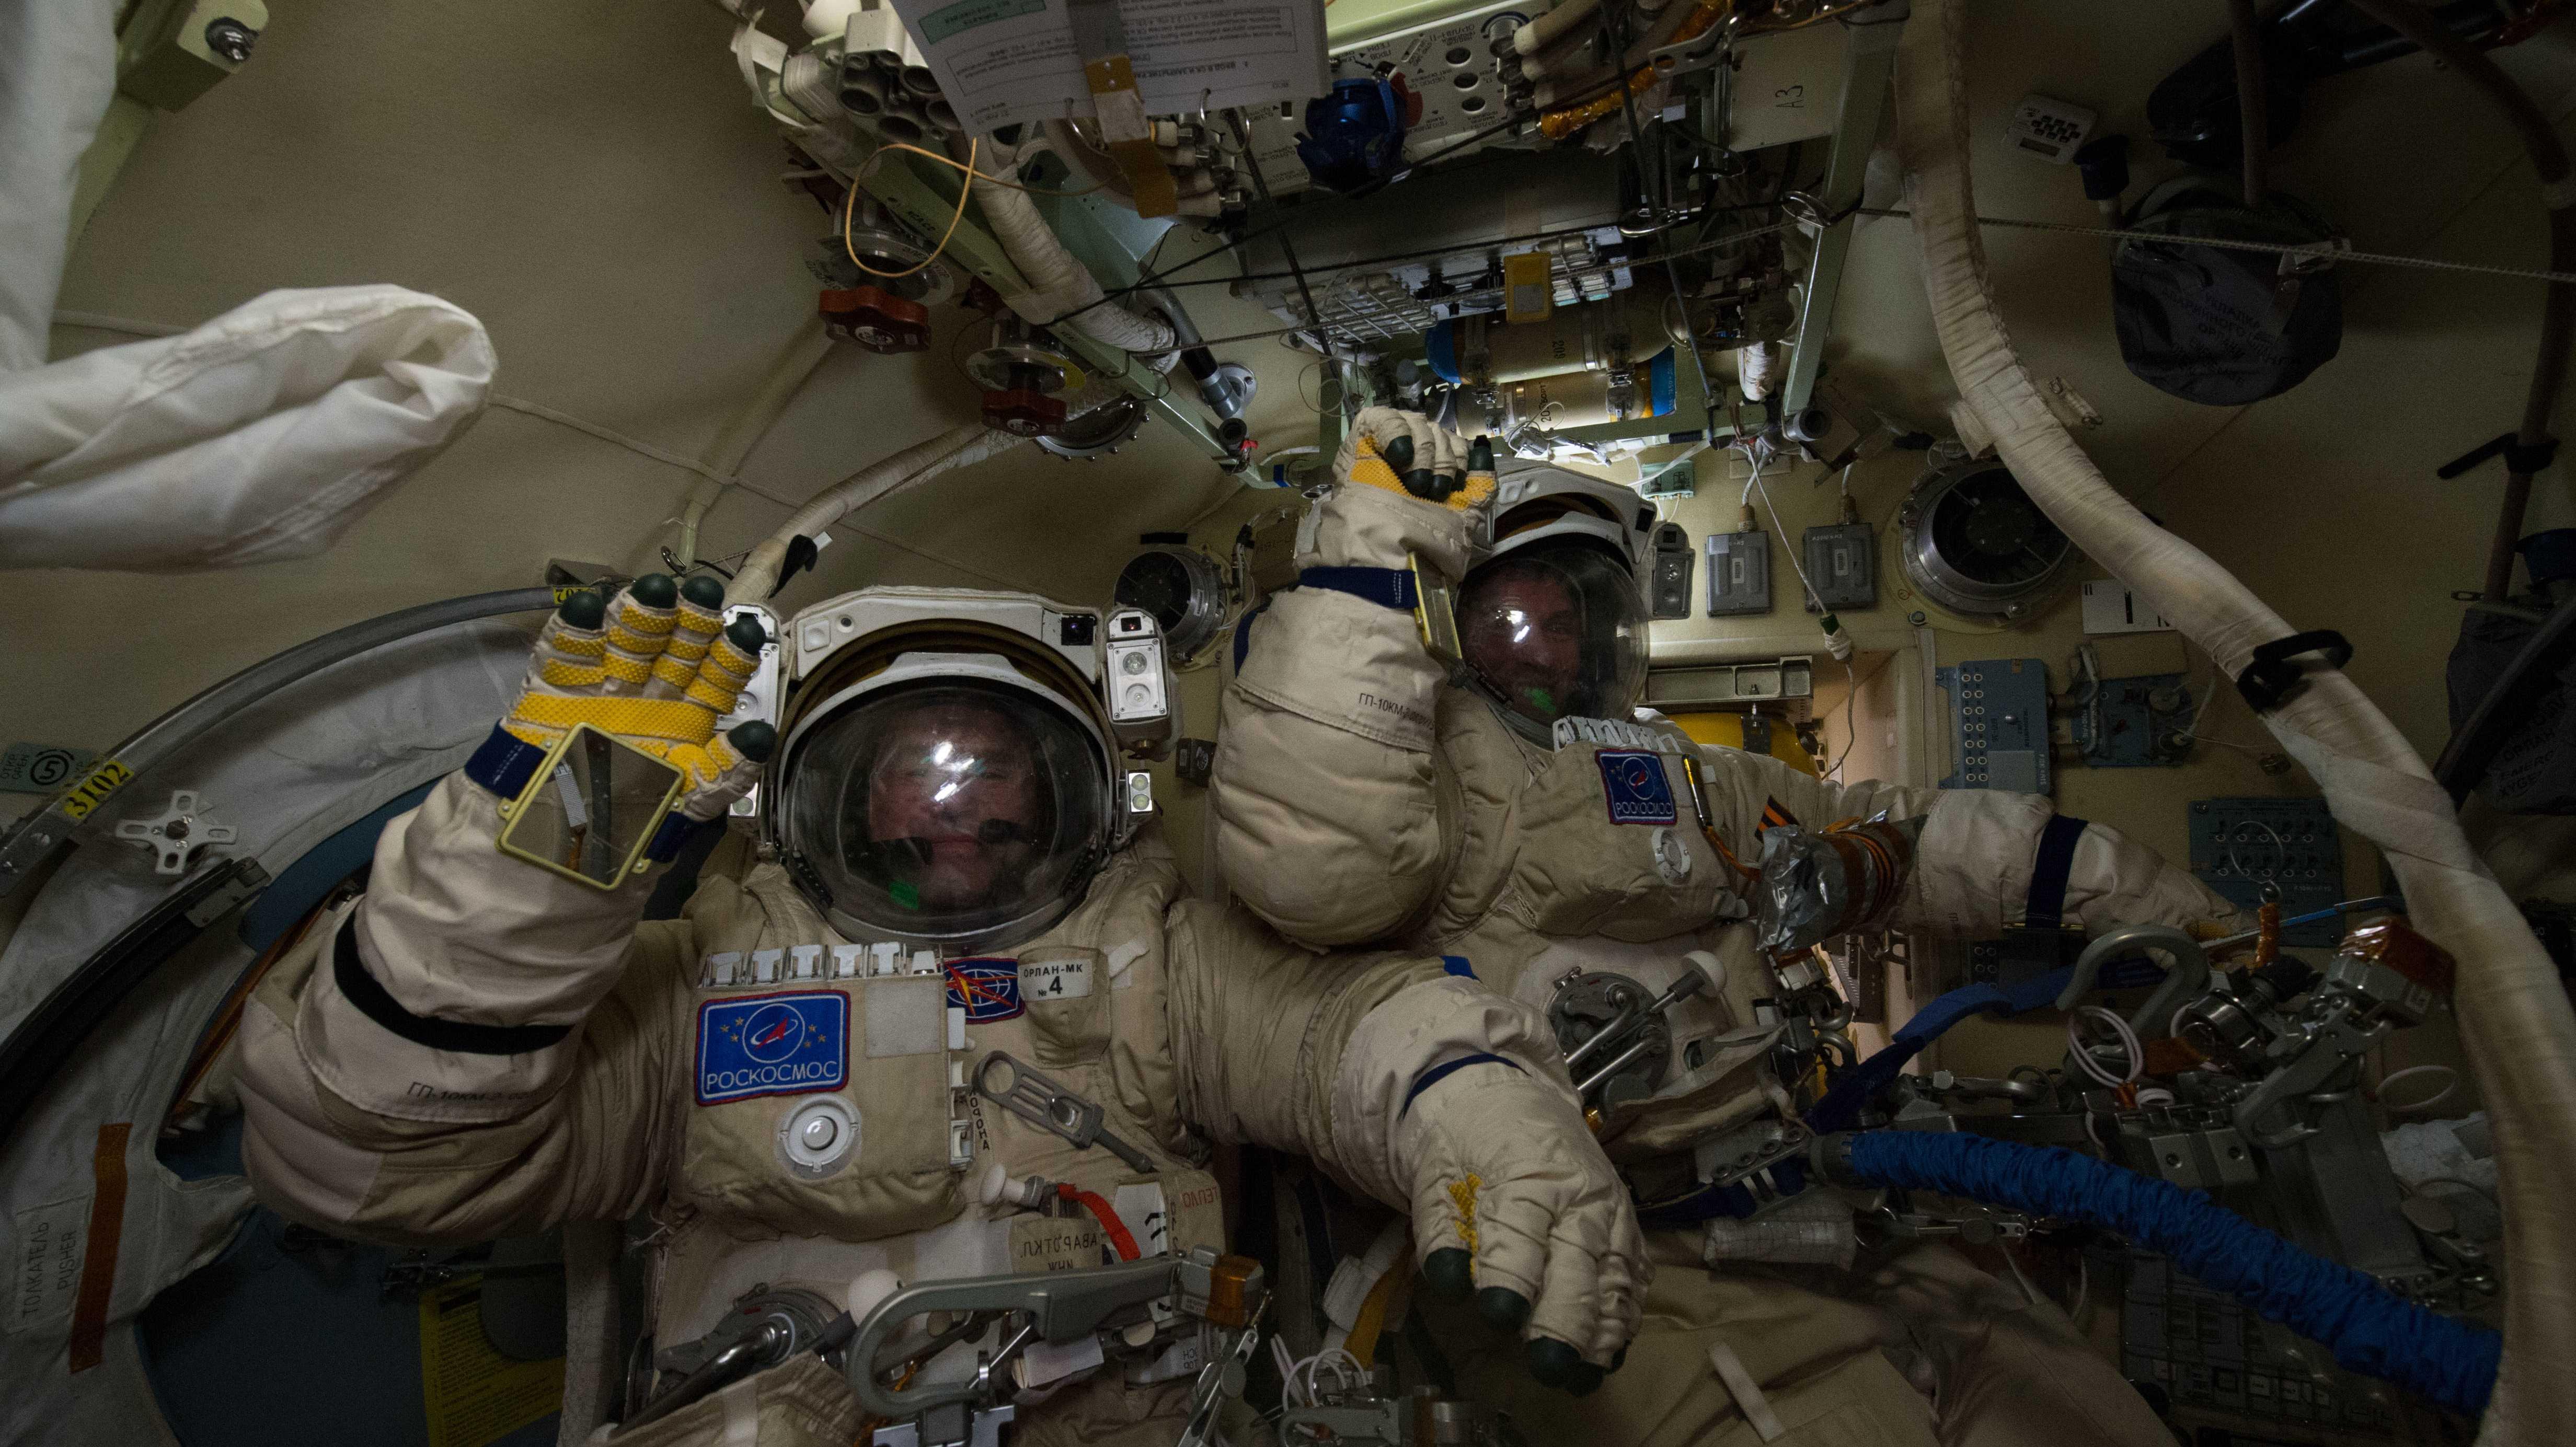 Loch in der ISS: Russland will Überwachungskameras anbringen